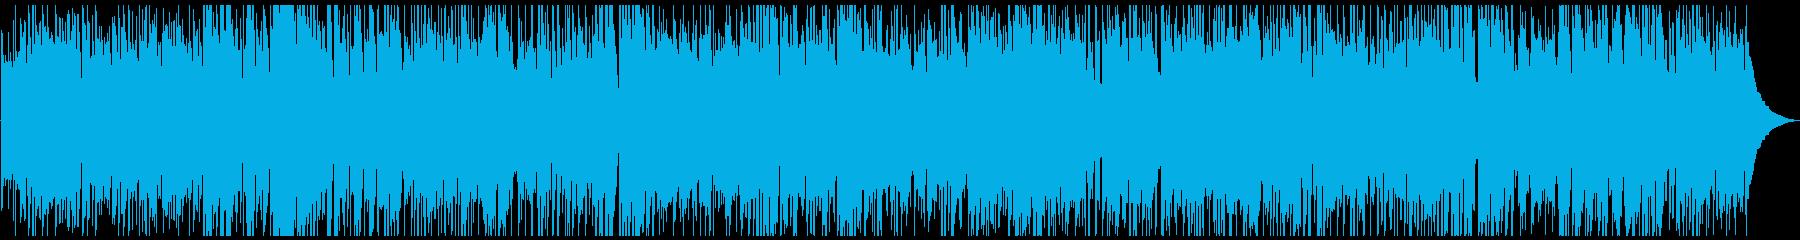 明るくほのぼのとしたカントリーピアノソロの再生済みの波形